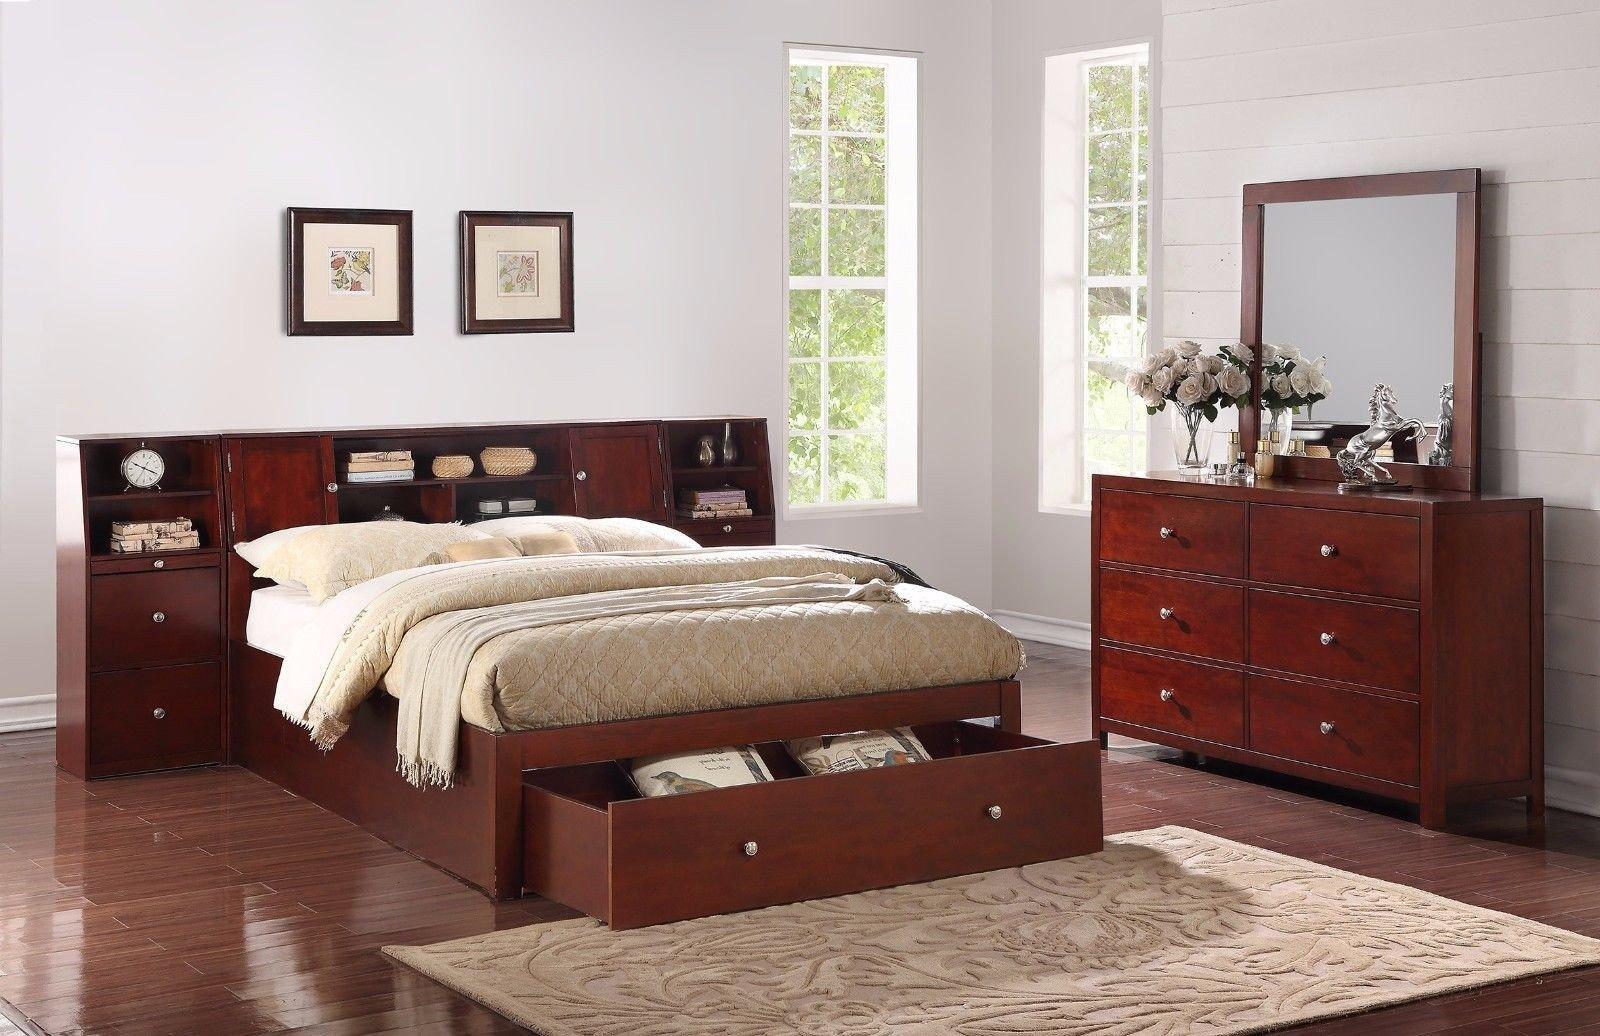 Cheap Bedroom Set Online Fresh Bedroom 4pc Set Queen Bed W Storage Drawer Shelf Nightstand